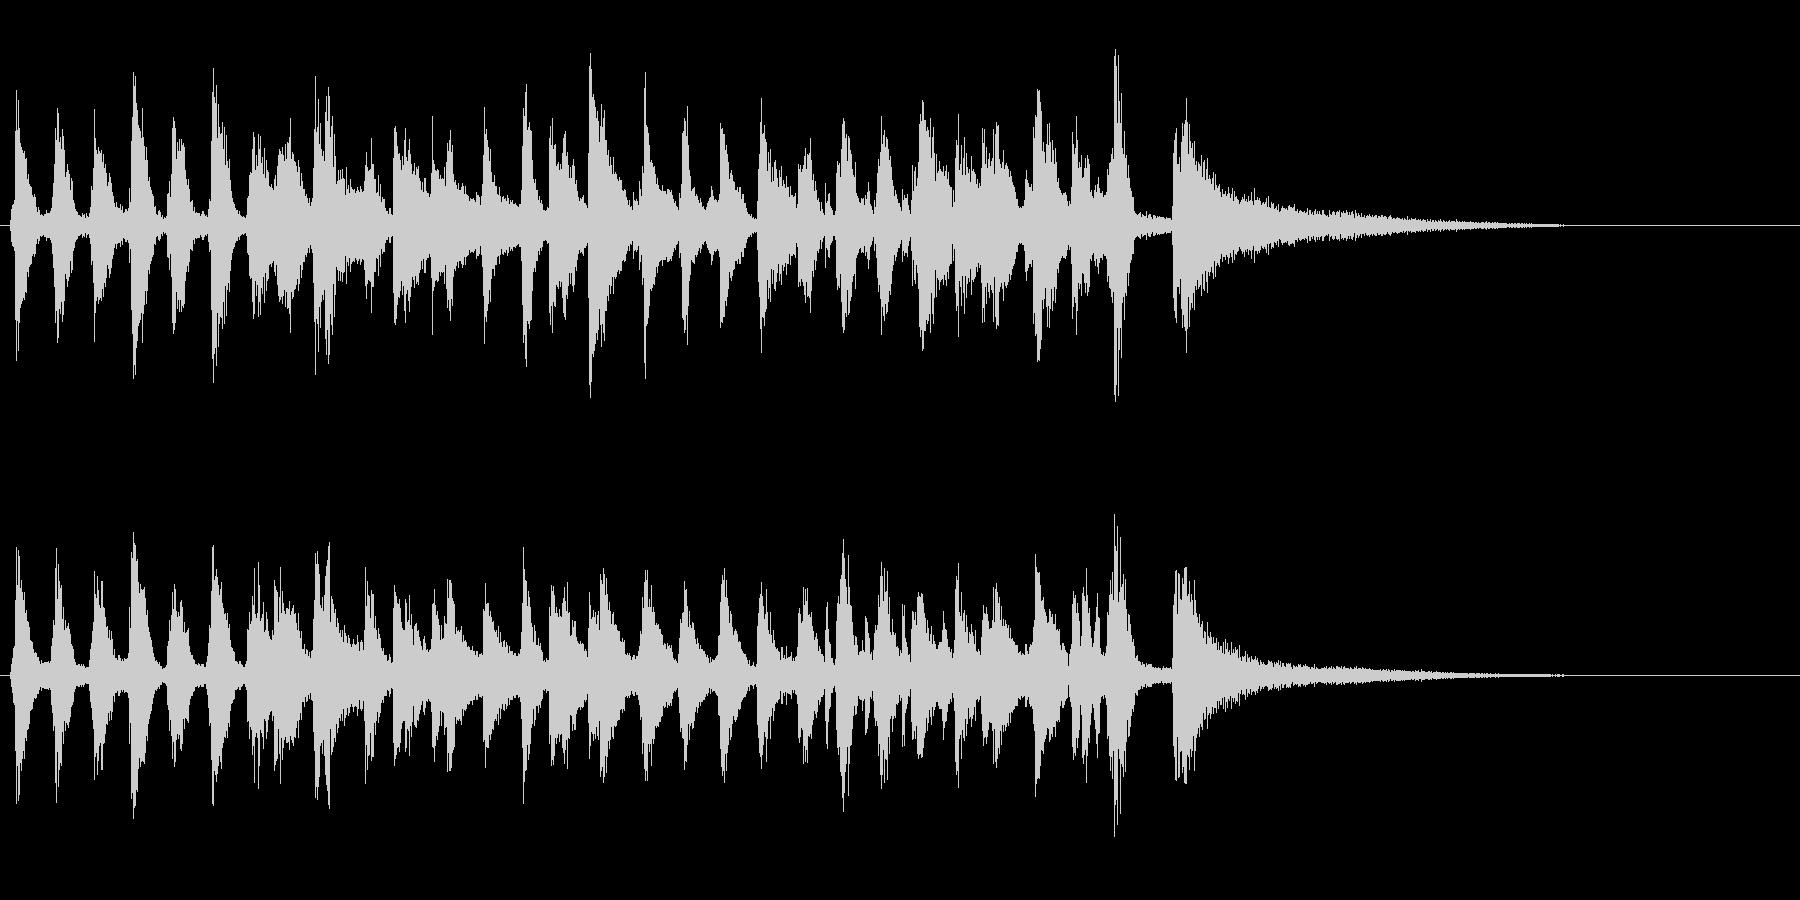 生演奏ジングルピアノ暗めラグタイムジャズの未再生の波形